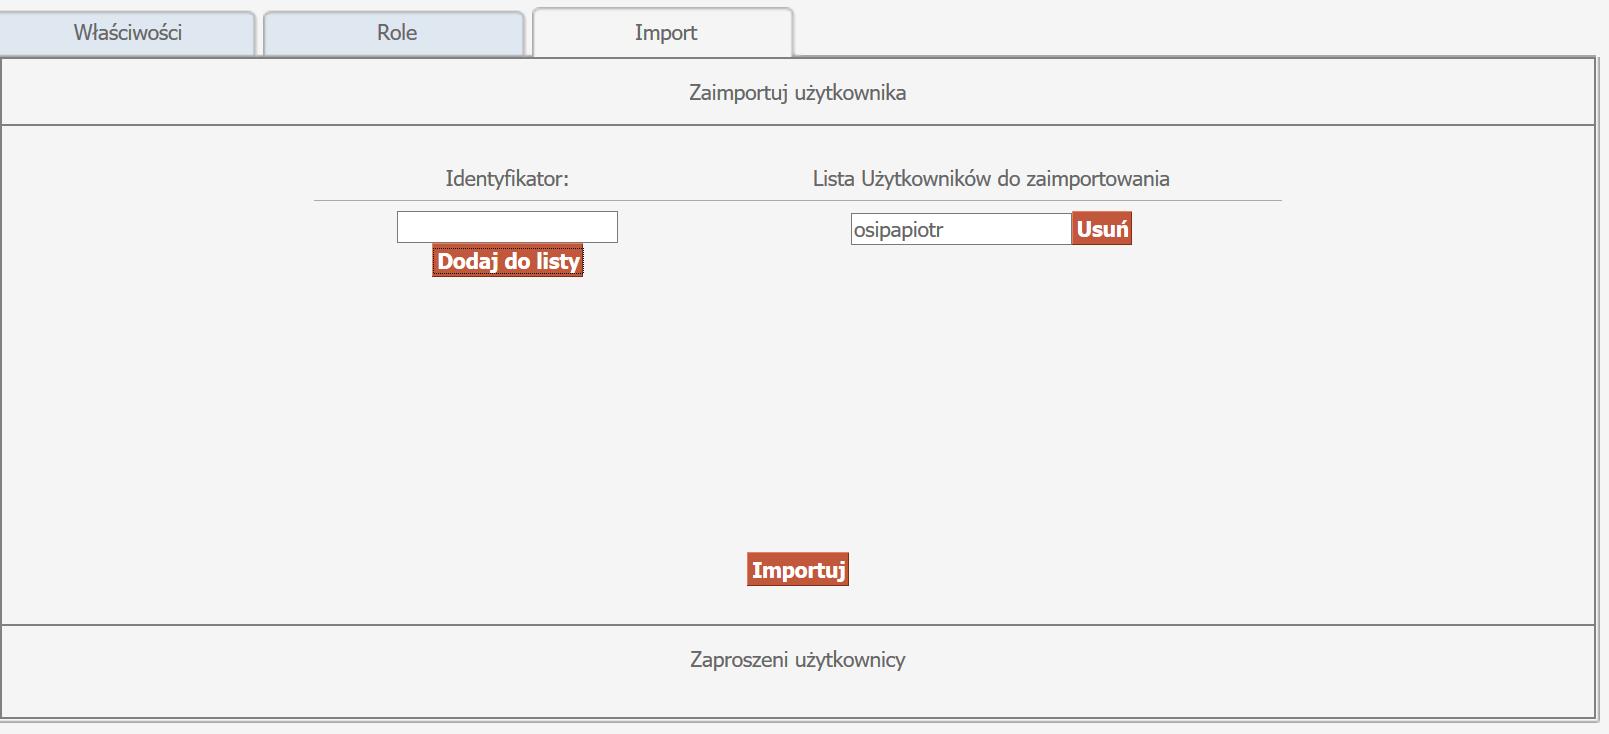 Wpisanie Identyfikatora, dodanie go do listy, a następnie wybranie opcji import